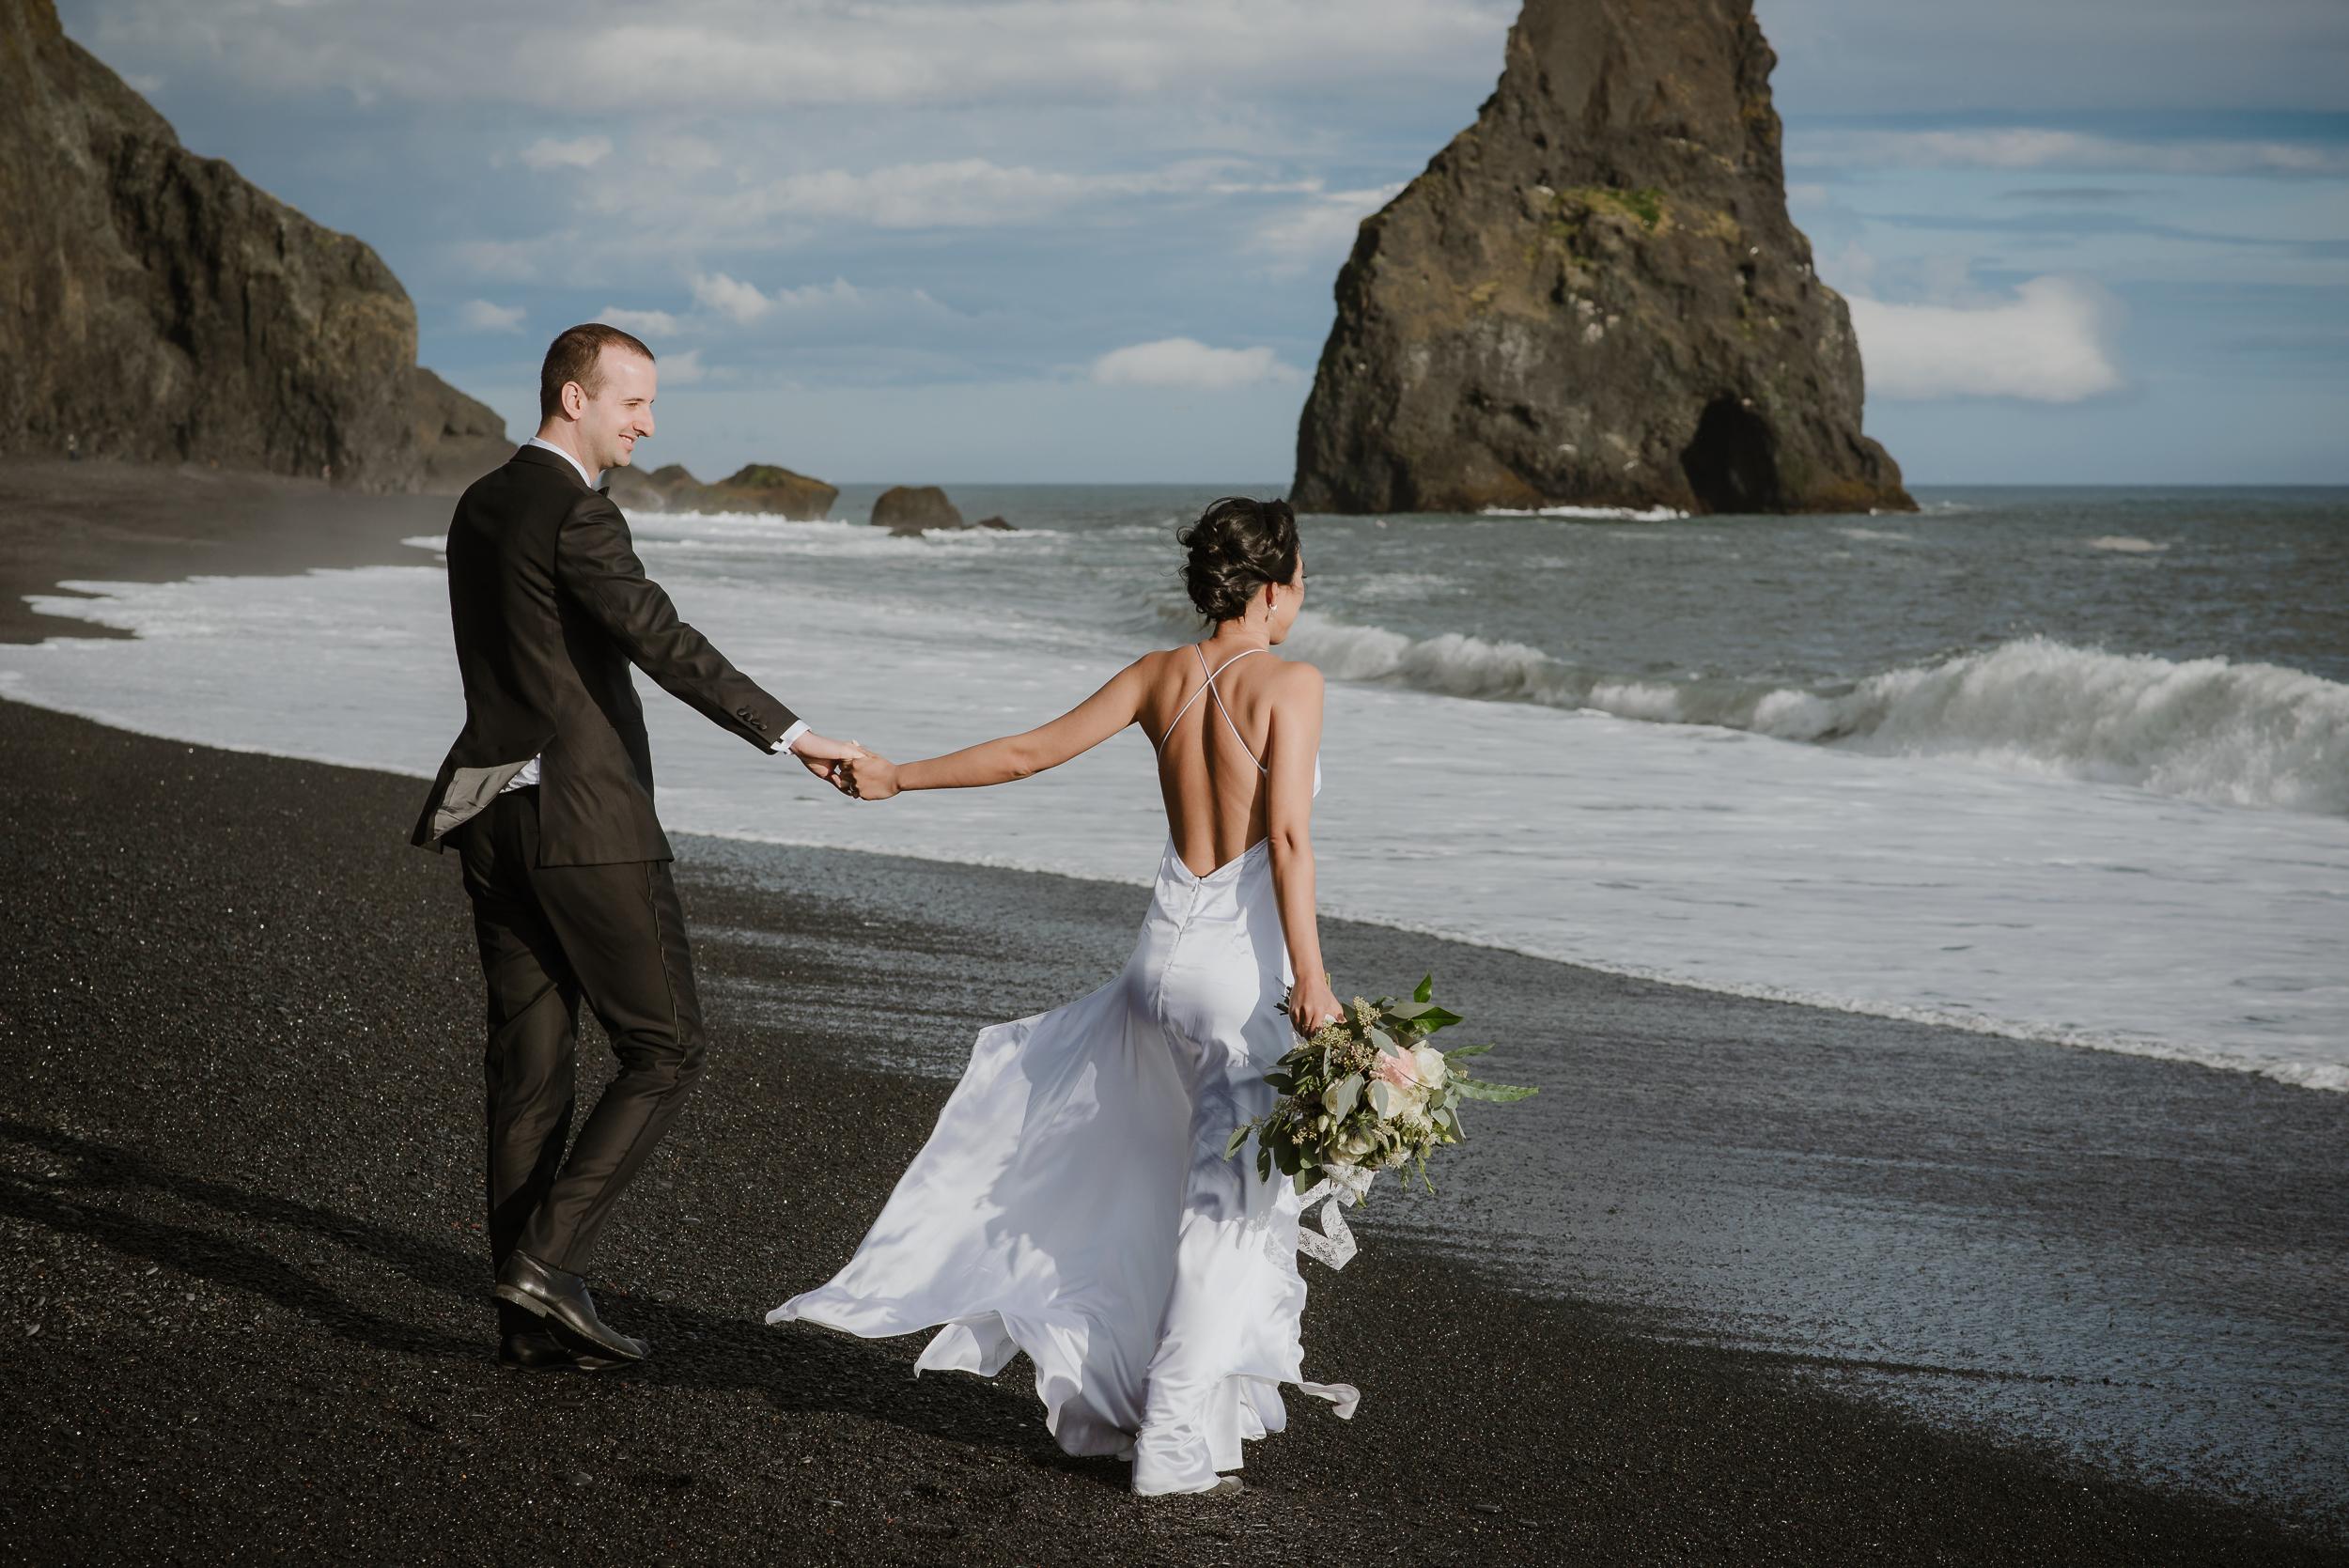 destination-wedding-iceland-engagement-session-vivianchen-182.jpg